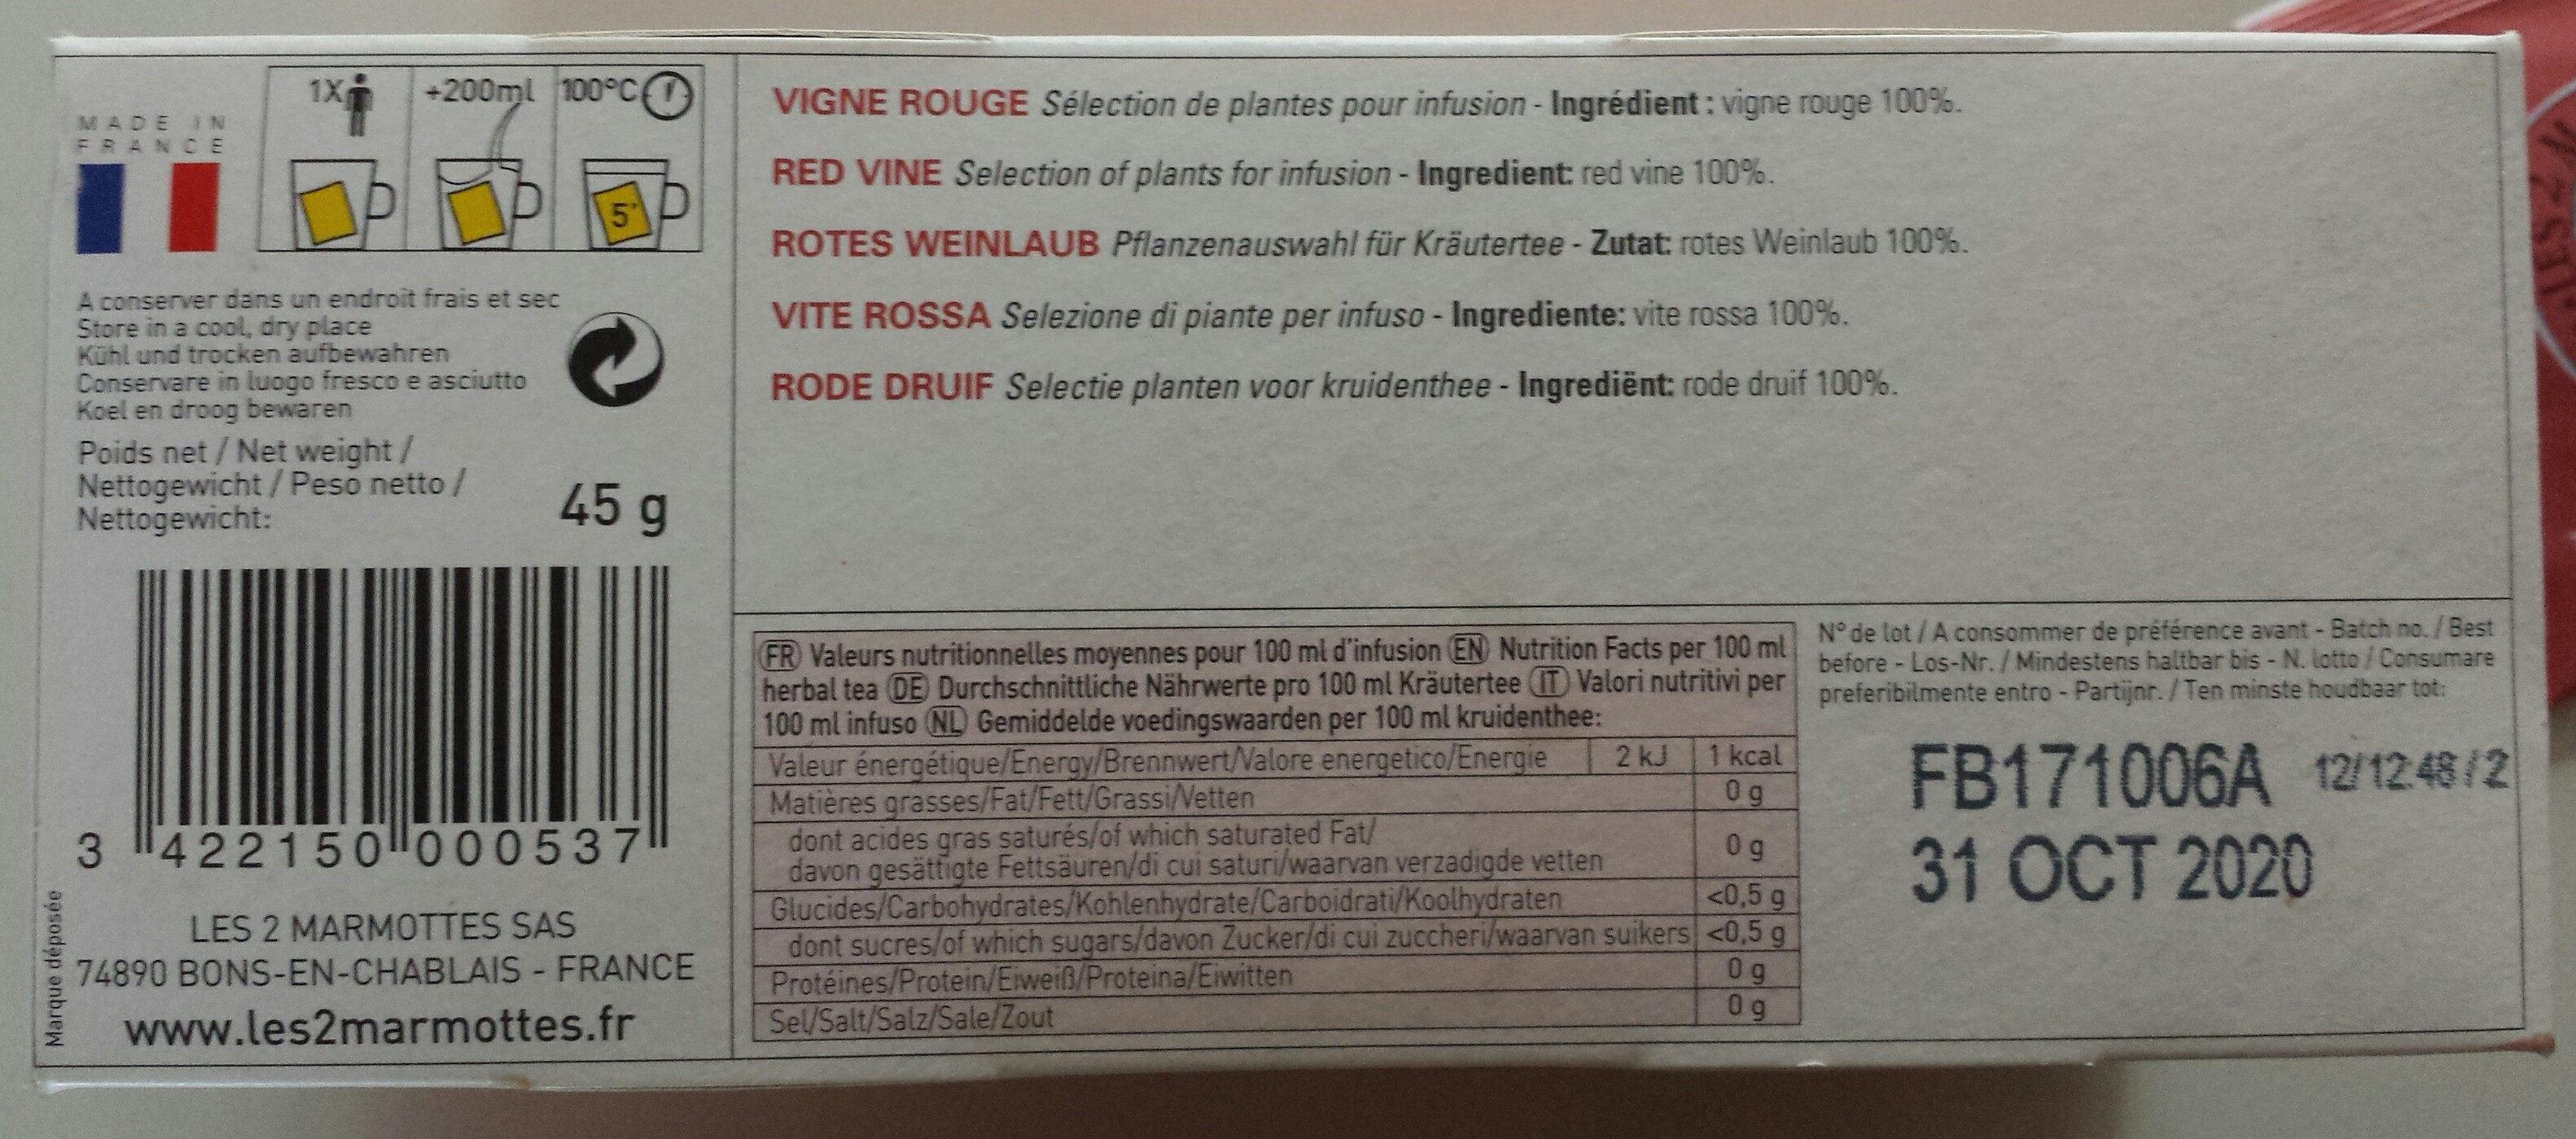 Vigne rouge - Ingredients